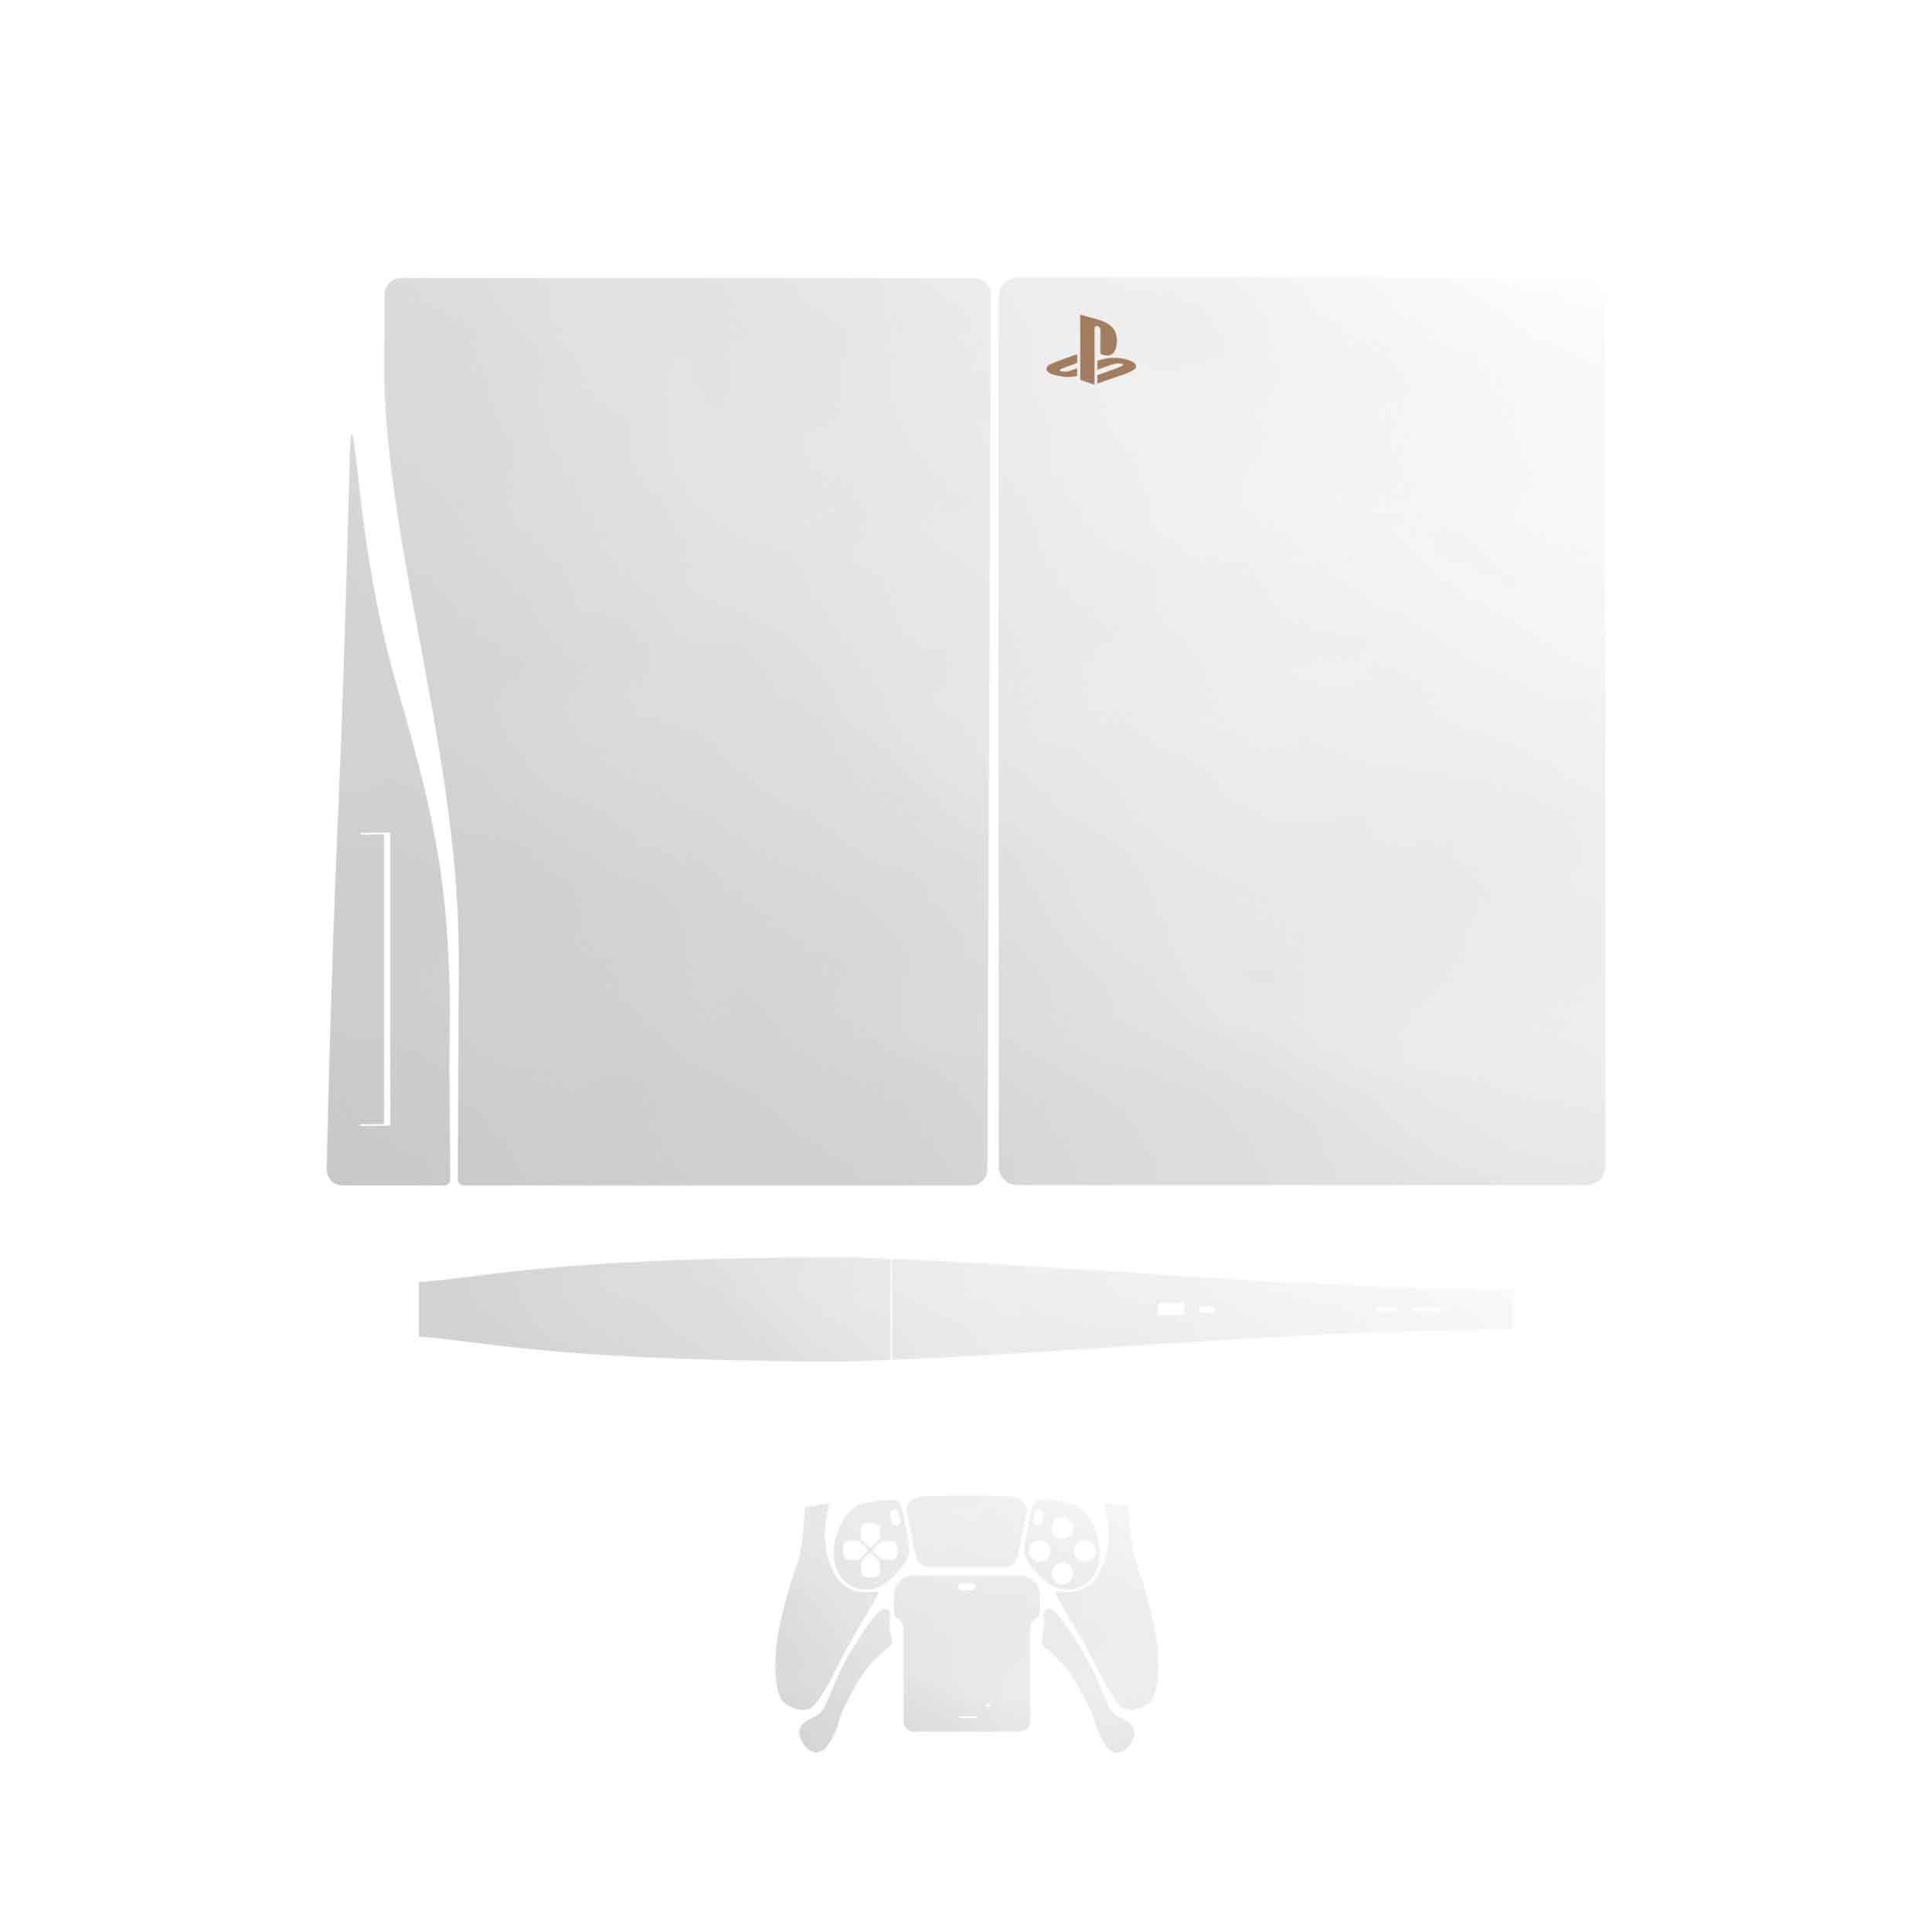 بررسی و {خرید با تخفیف}                                     برچسب کنسول و دسته بازی PS5 ماهوتمدل  Metallic-White                             اصل